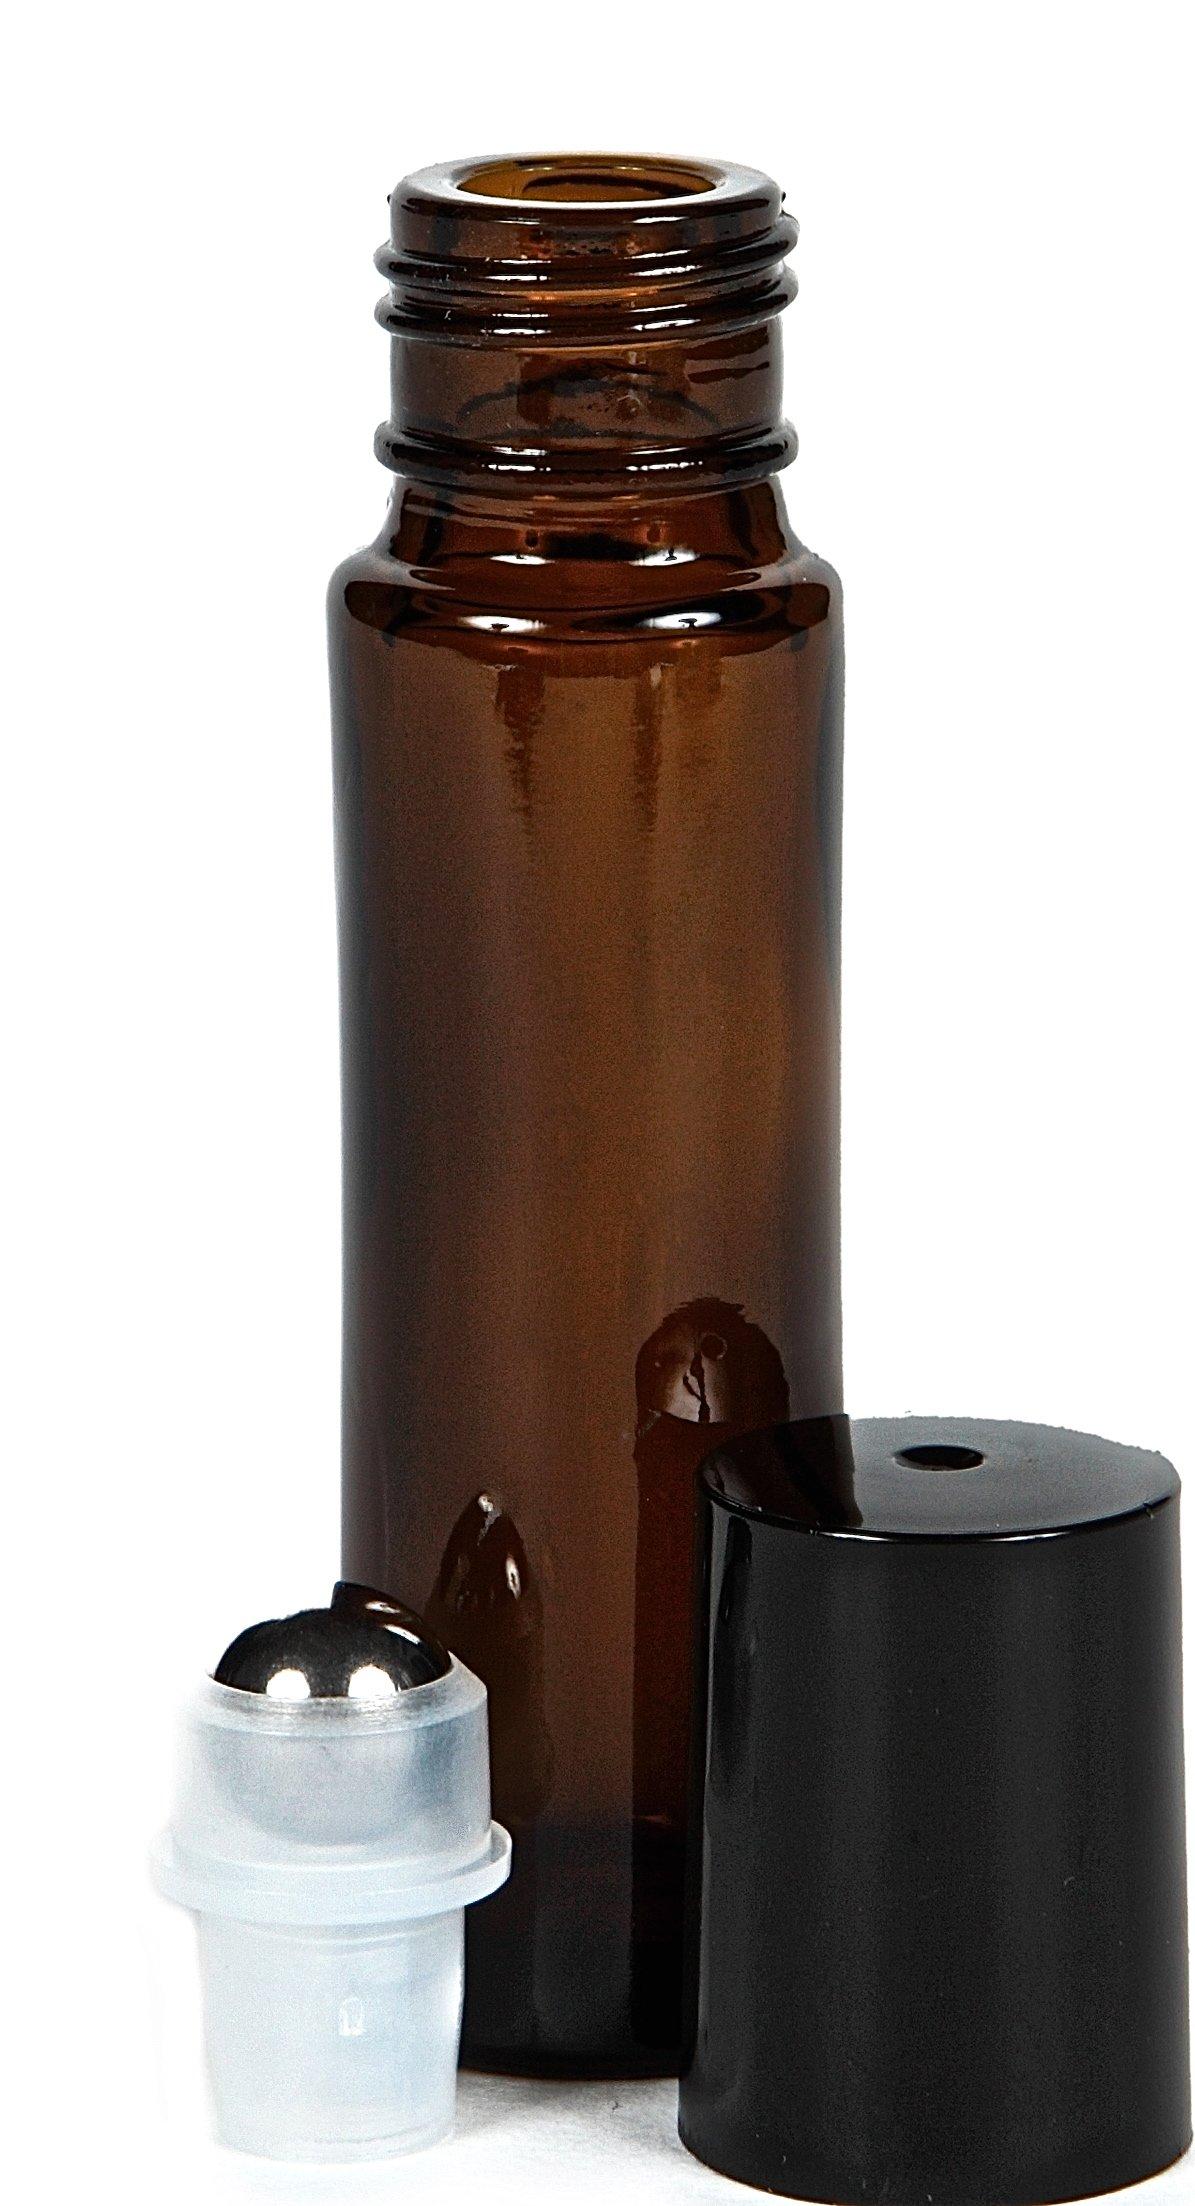 Vivaplex, 24, Amber, 10 ml Glass Roll-on Bottles with Stainless Steel Roller Balls. 3 - 3 ml Droppers included by Vivaplex (Image #5)